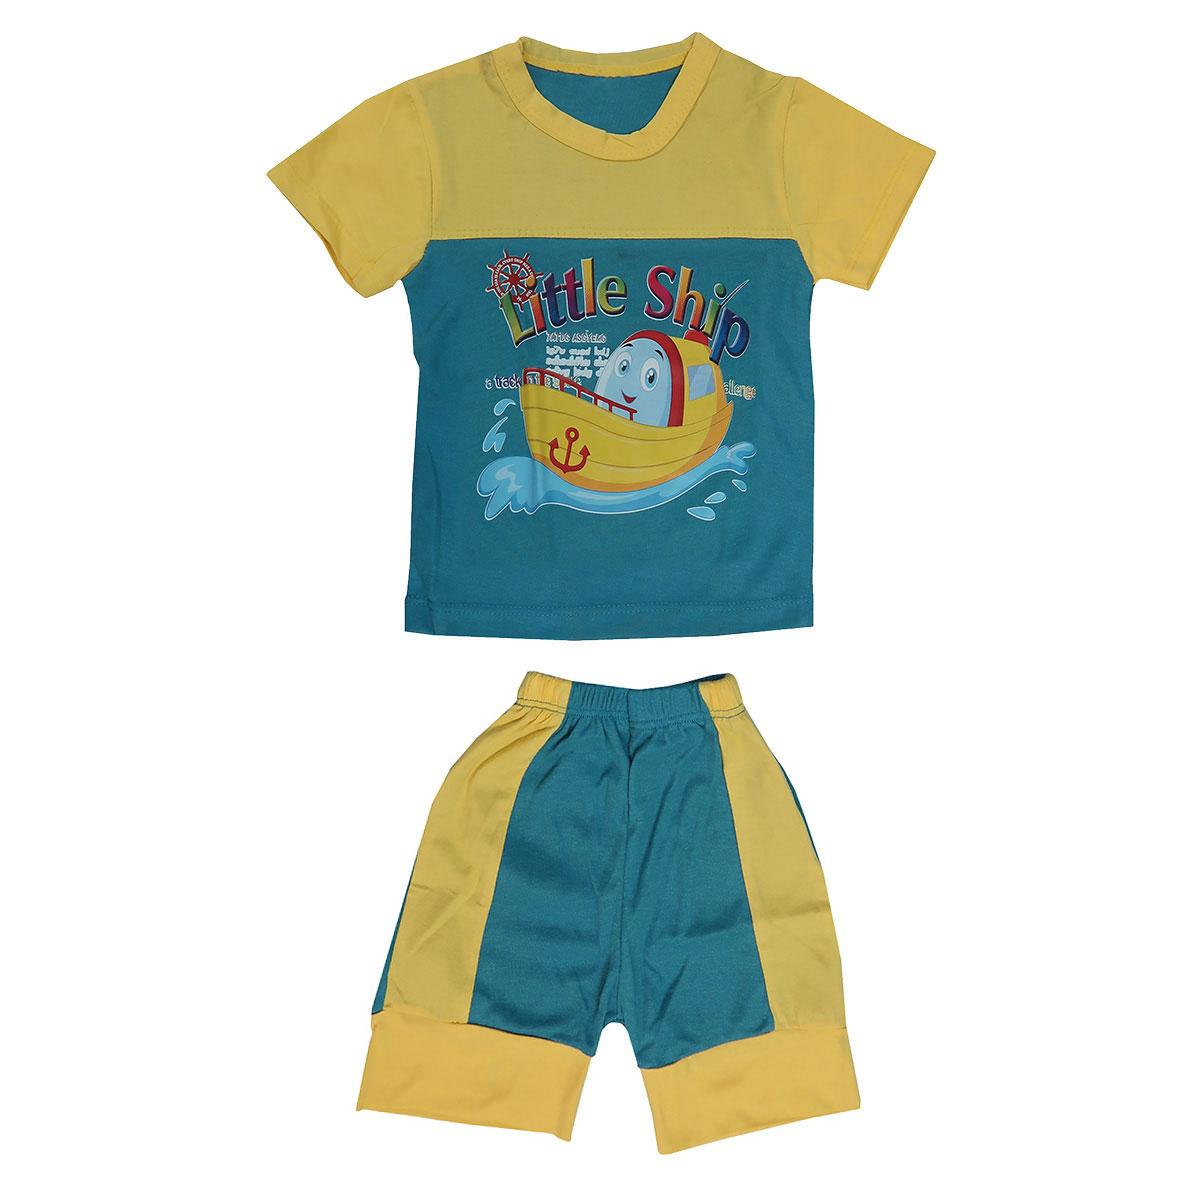 ست تی شرت و شلوارک پسرانه کد Tsh-YLB35-c